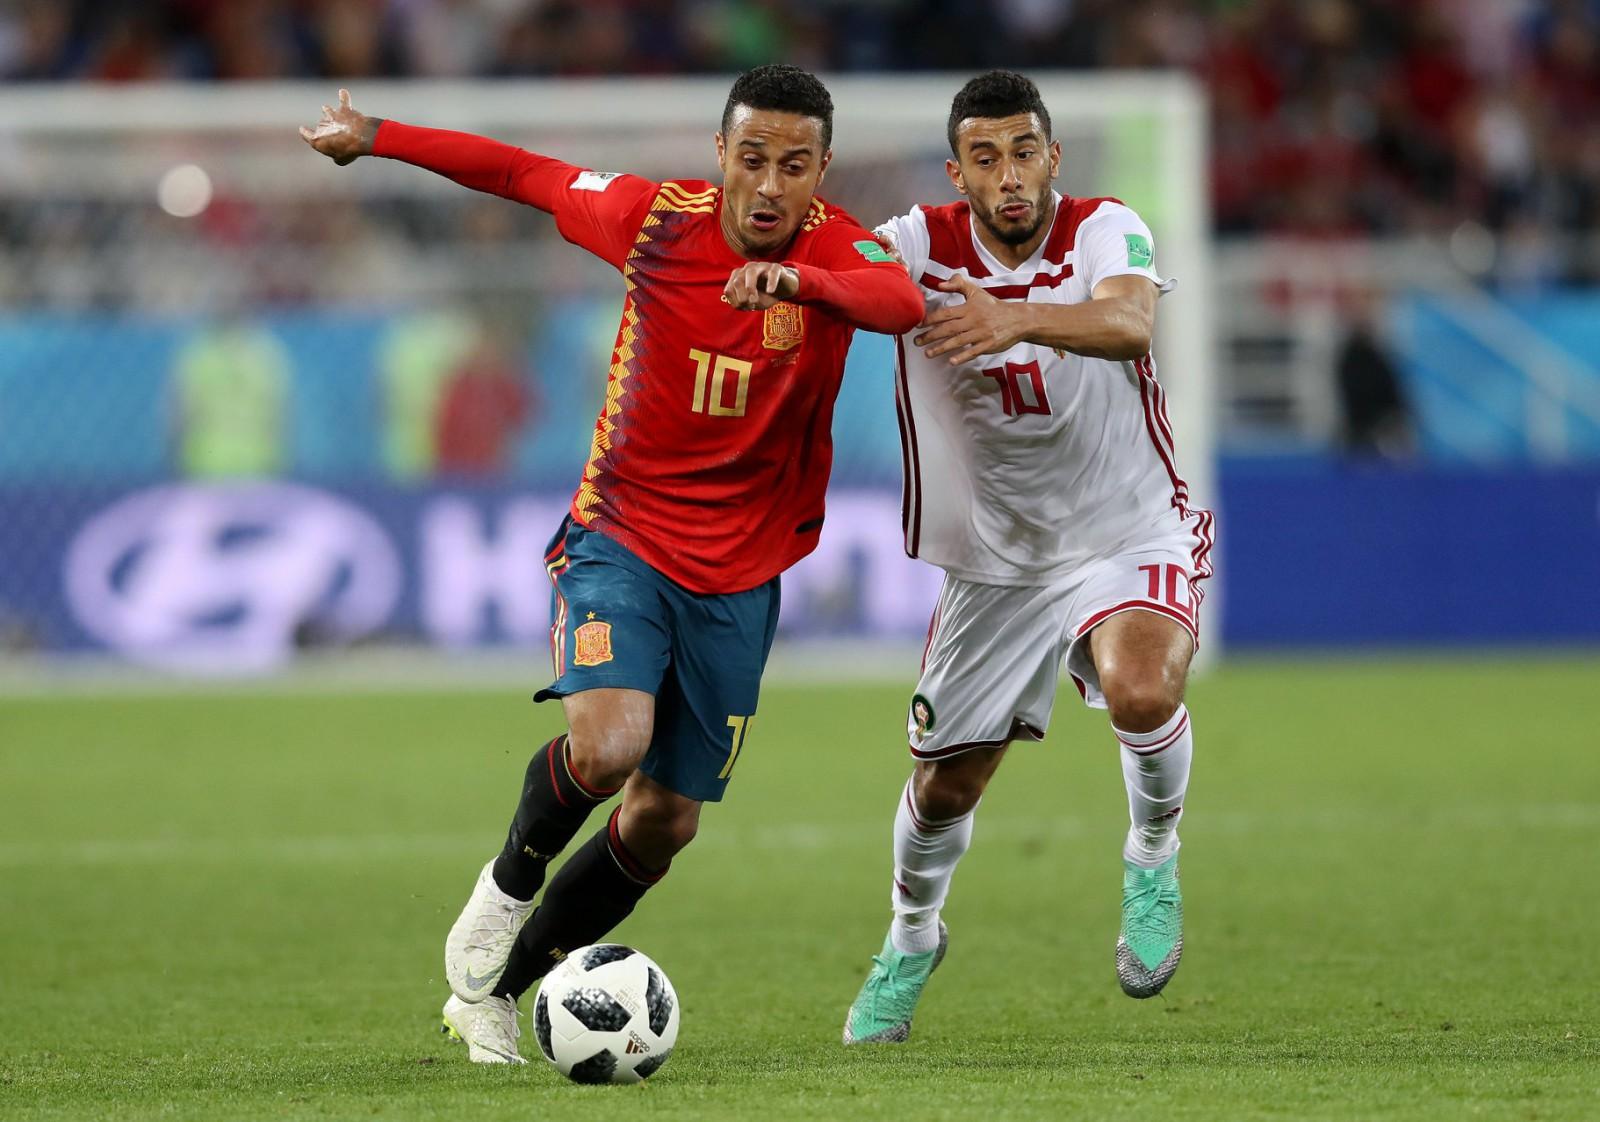 Portugalia și Spania s-au calificat dramatic în optimile de finală a Campionatului Mondial